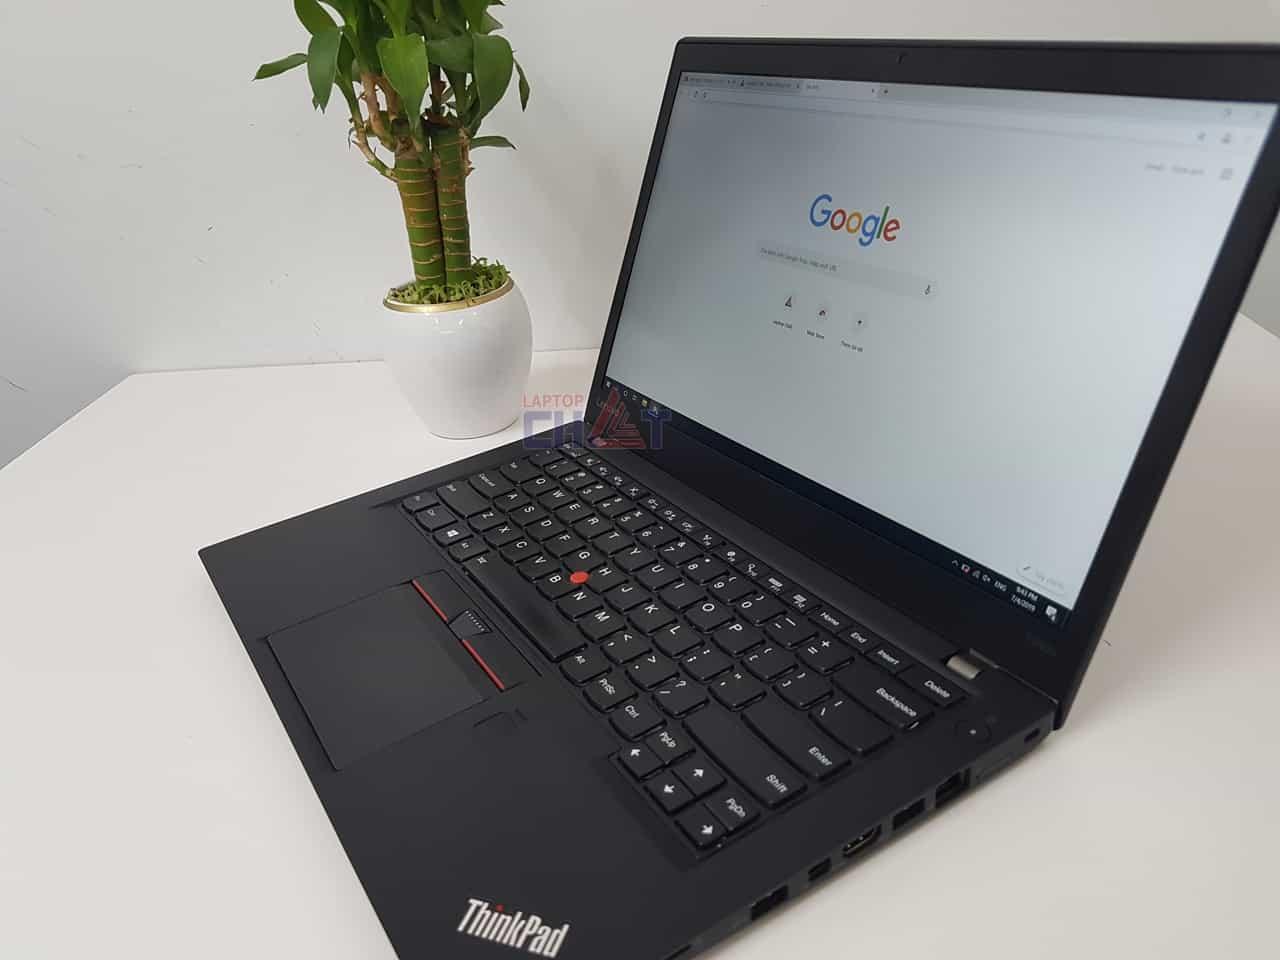 laptop t460s